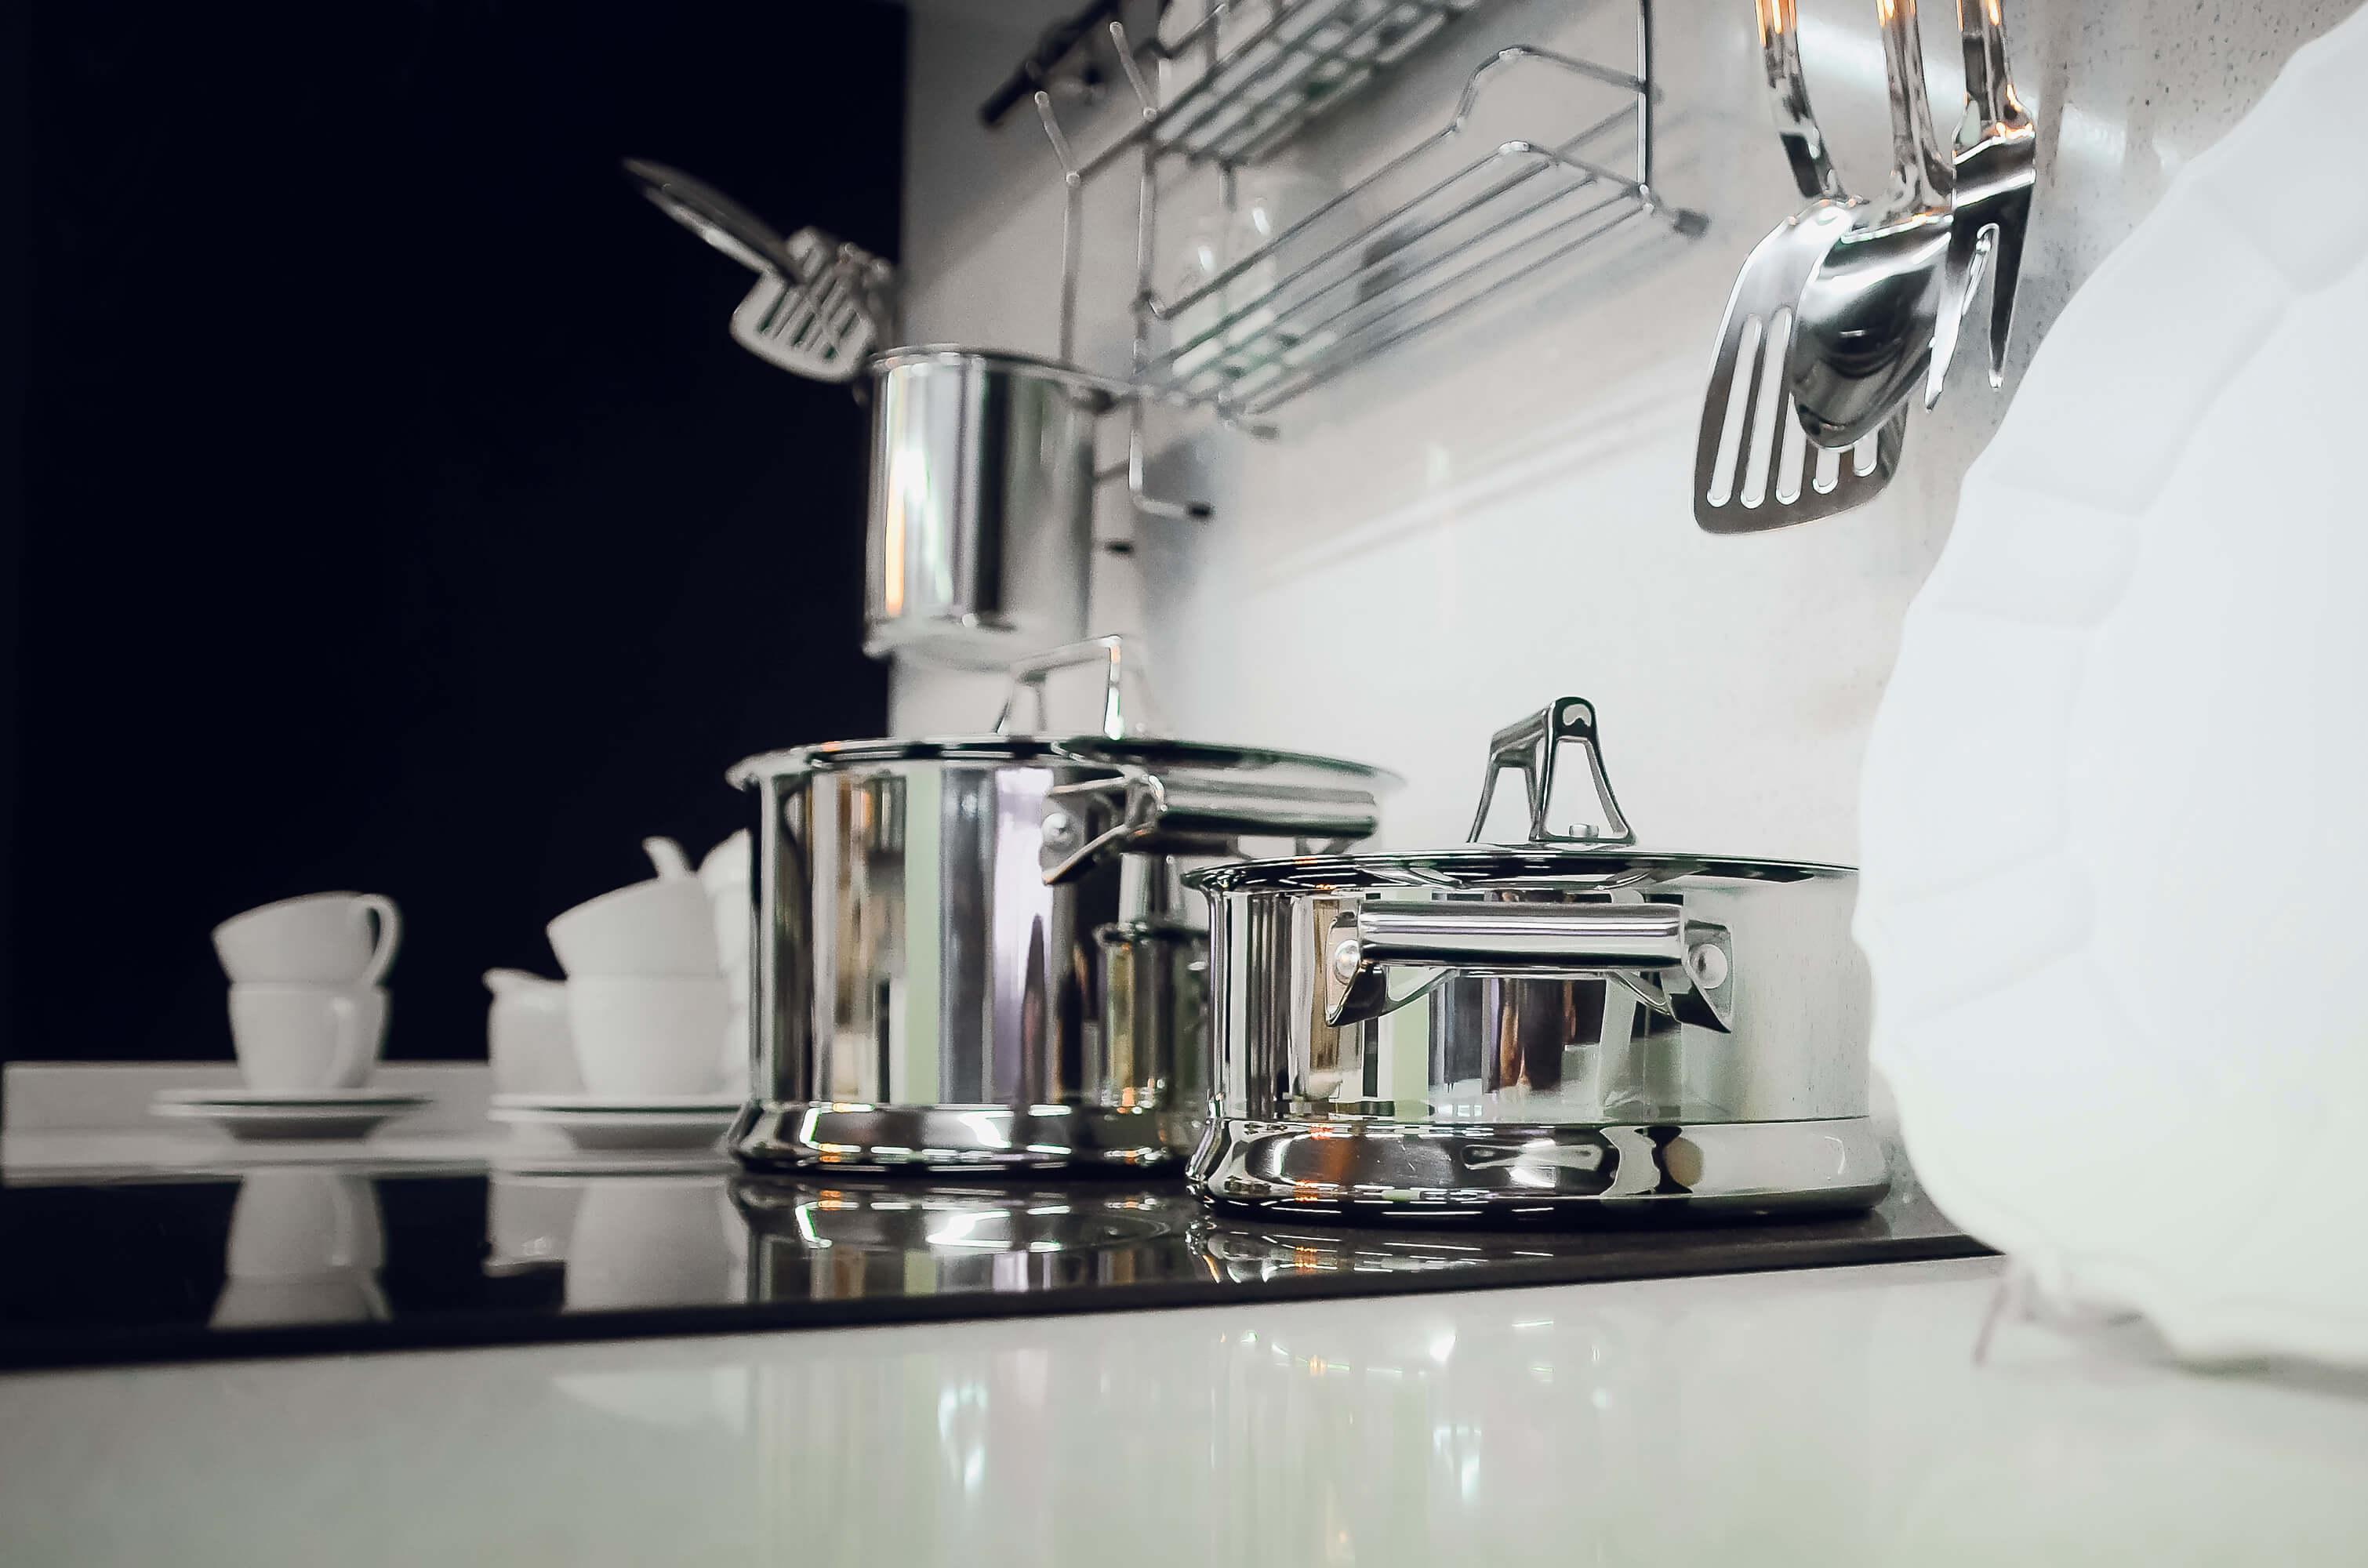 Cómo limpiar la vajilla de plata en casa